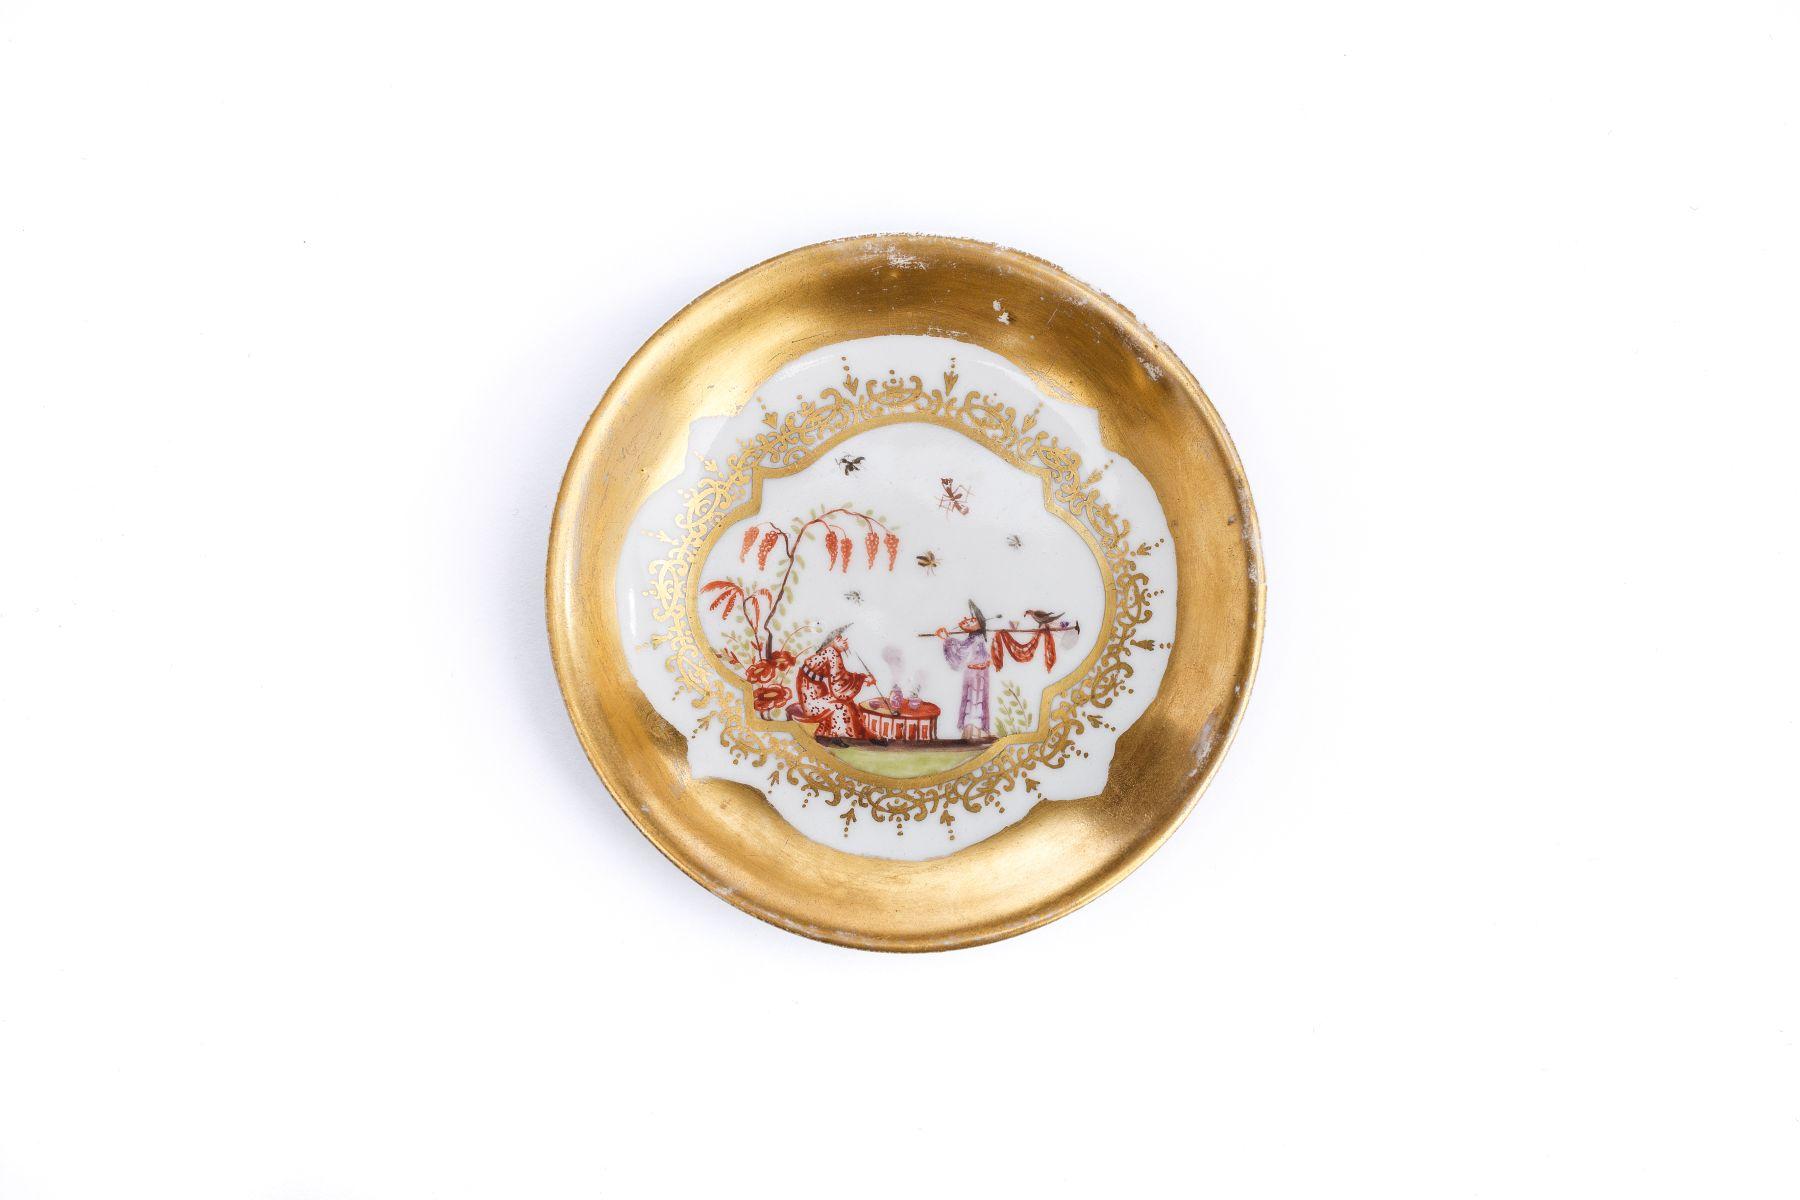 #8 Small saucer, Meissen 1730/35 | Kleine Unterschale, Meissen 1730/35 Image